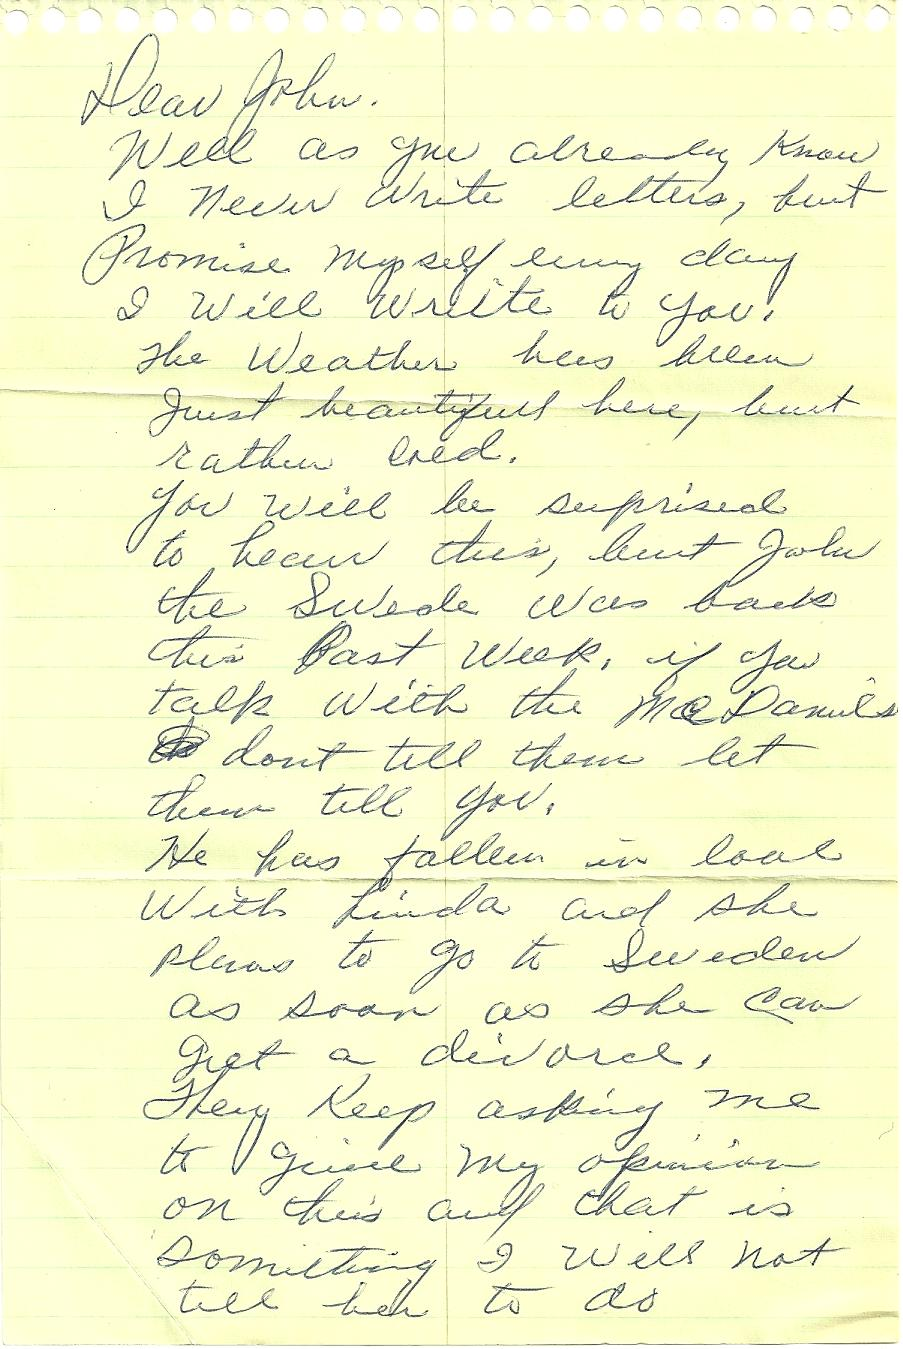 A Letter from Mary Hyre November 4 1969  JOHN KEEL